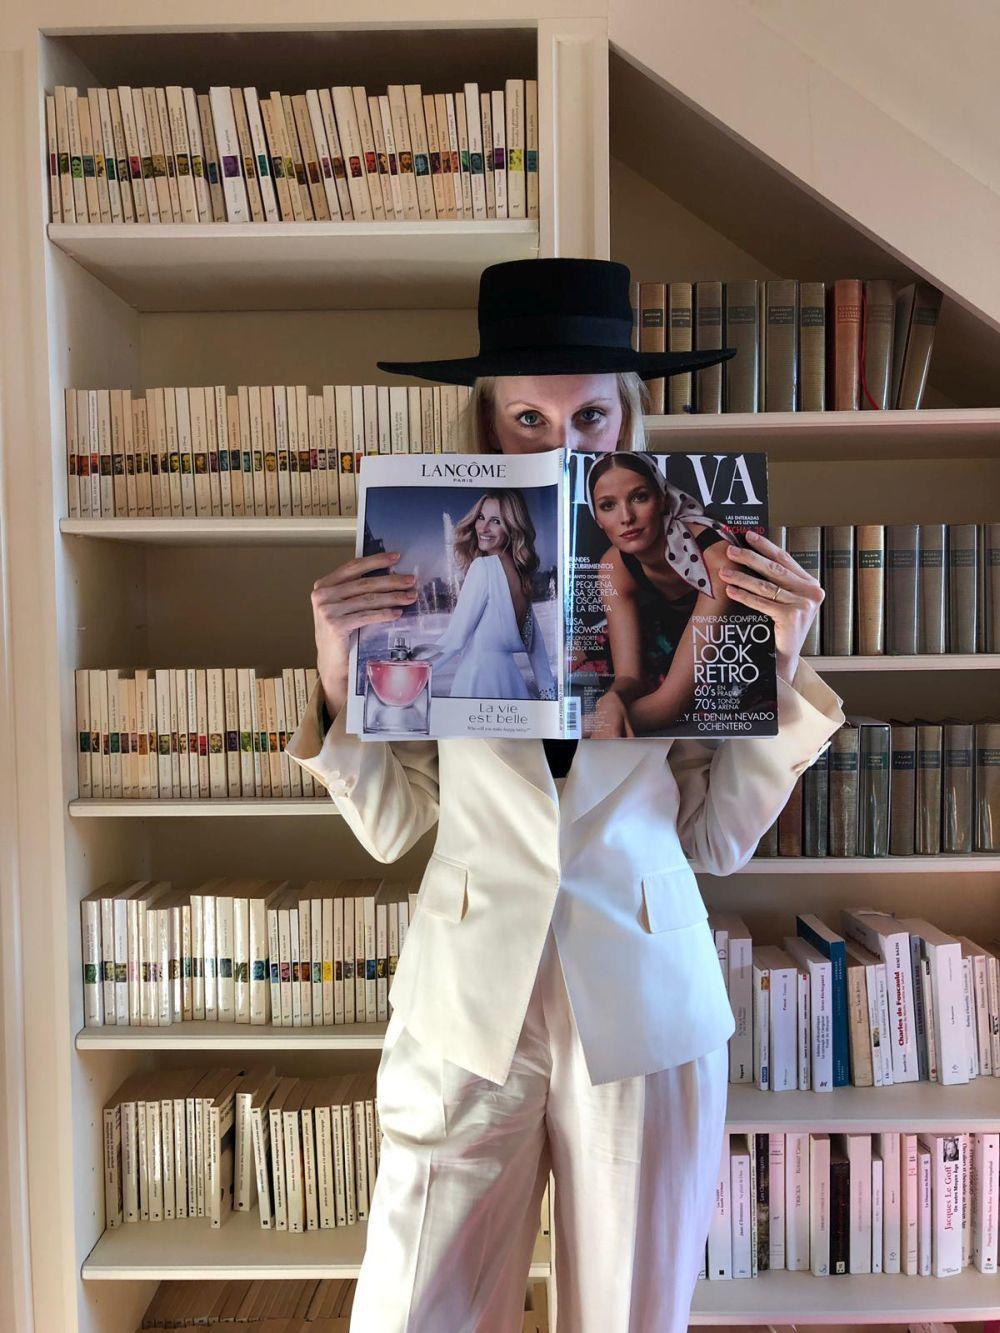 Sofía posando con la revista TELVA en su apartamento de París.